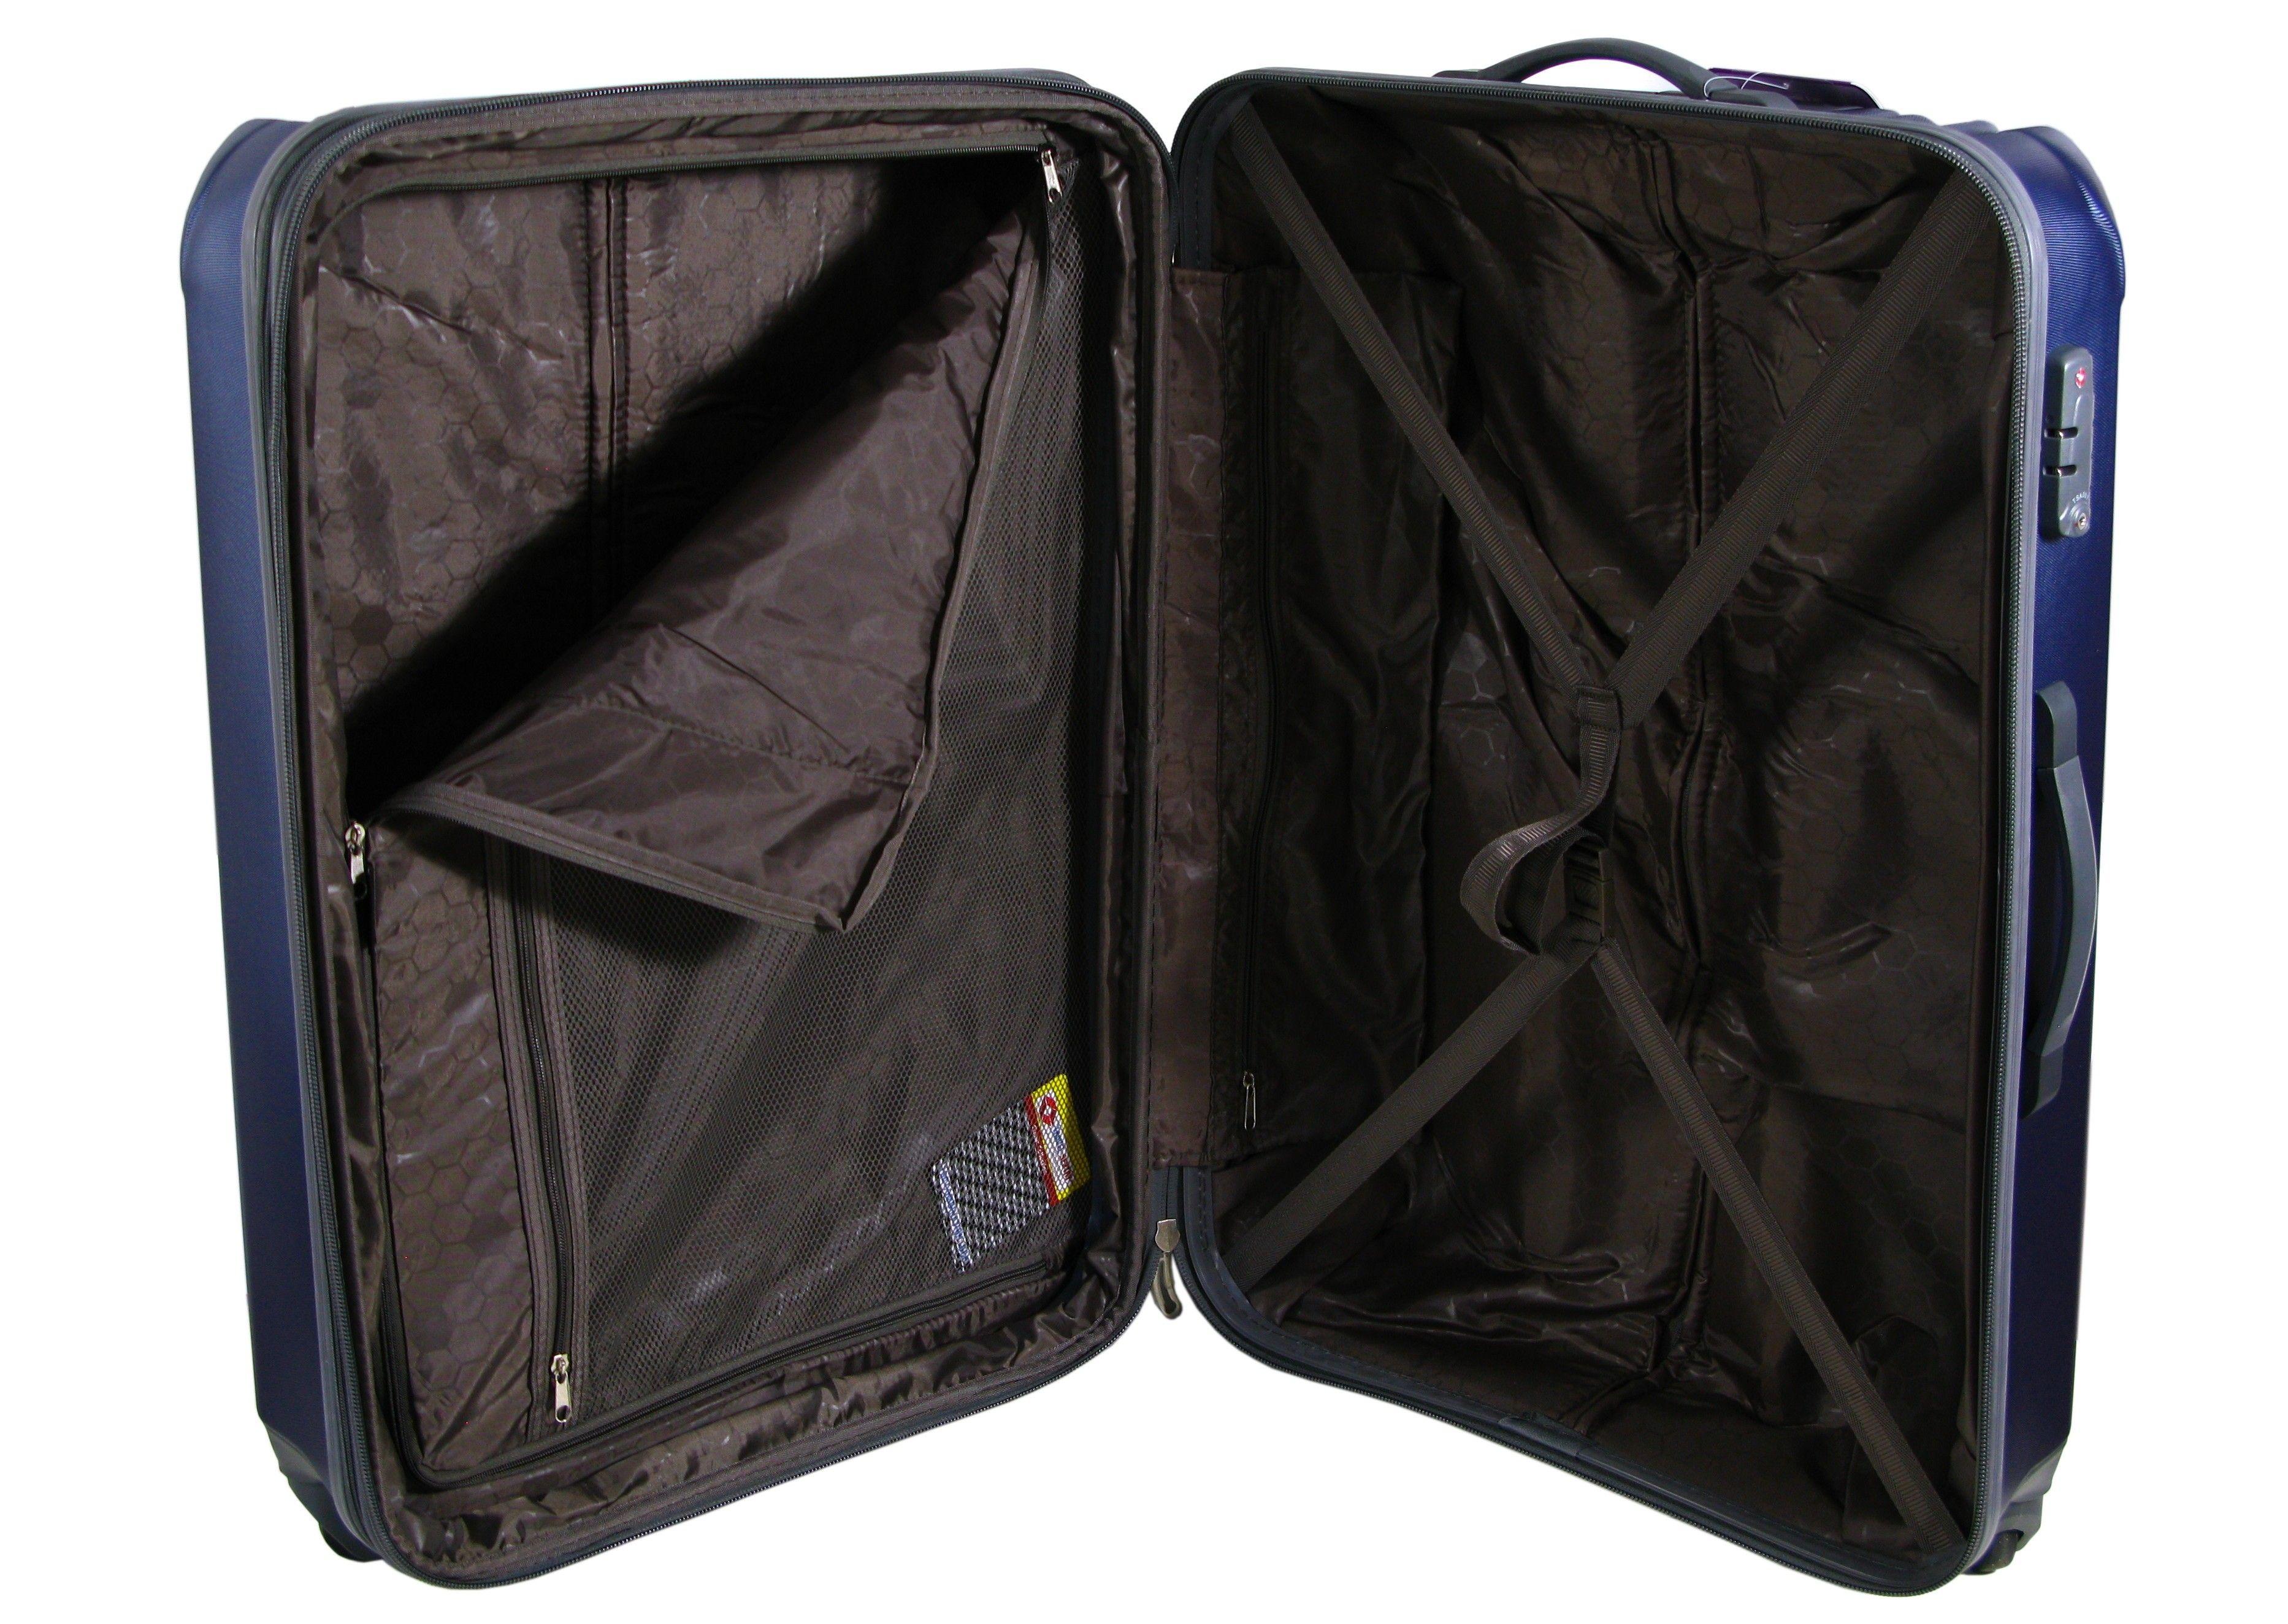 cb215c3b57dd8 Duża walizka na kółkach AIRTEX 949 wykonana z poliwęglanu ...